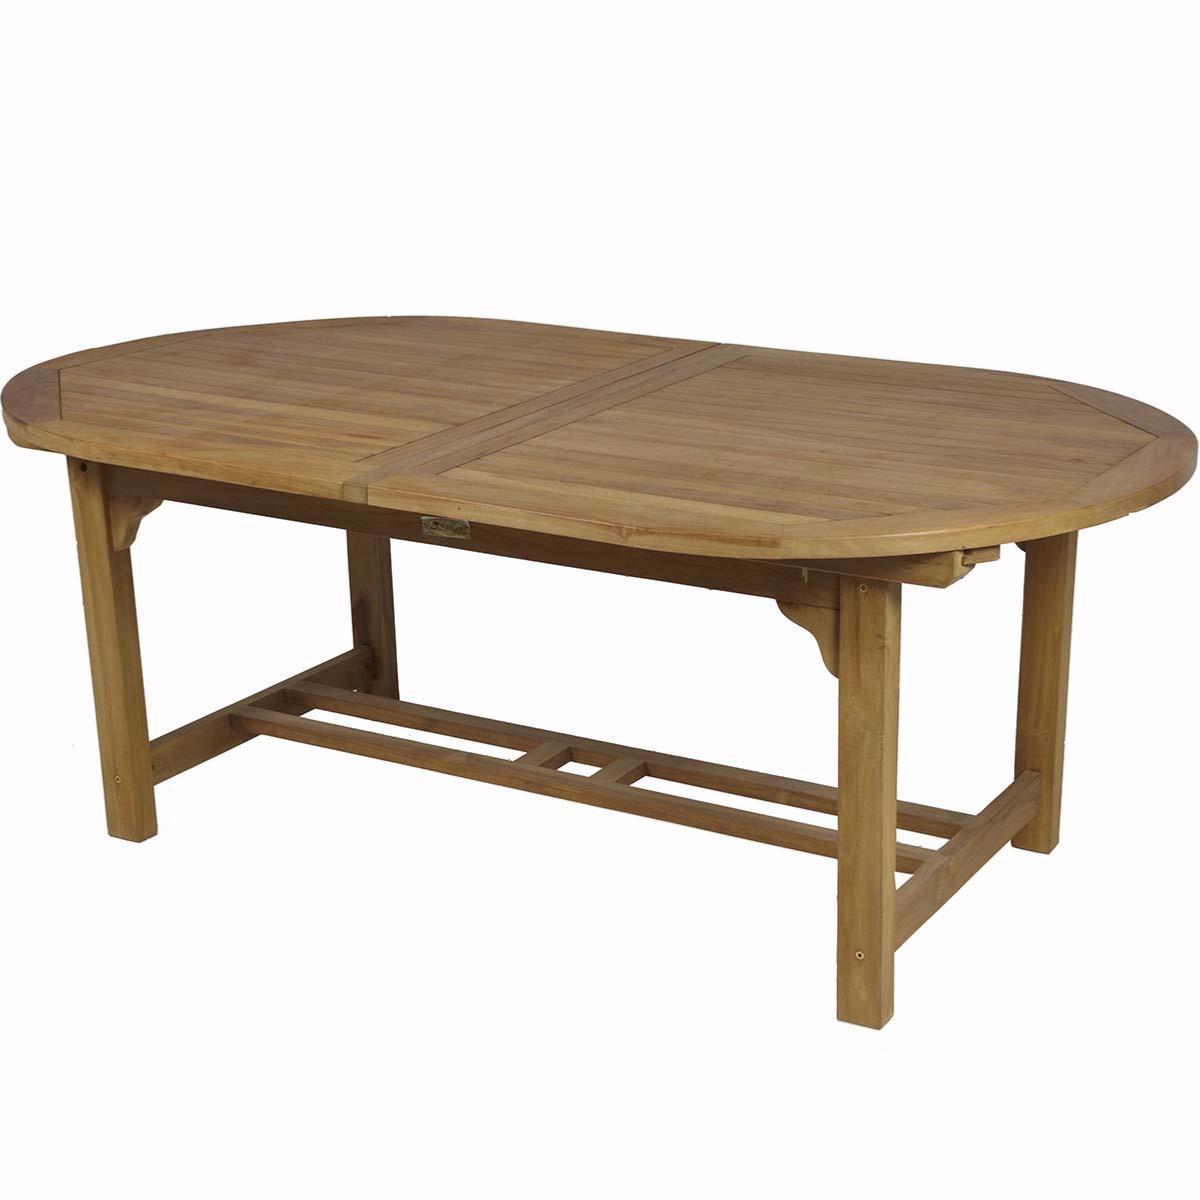 Mesa oval extensible teca jard n y exteriores - Mesa de teca ...